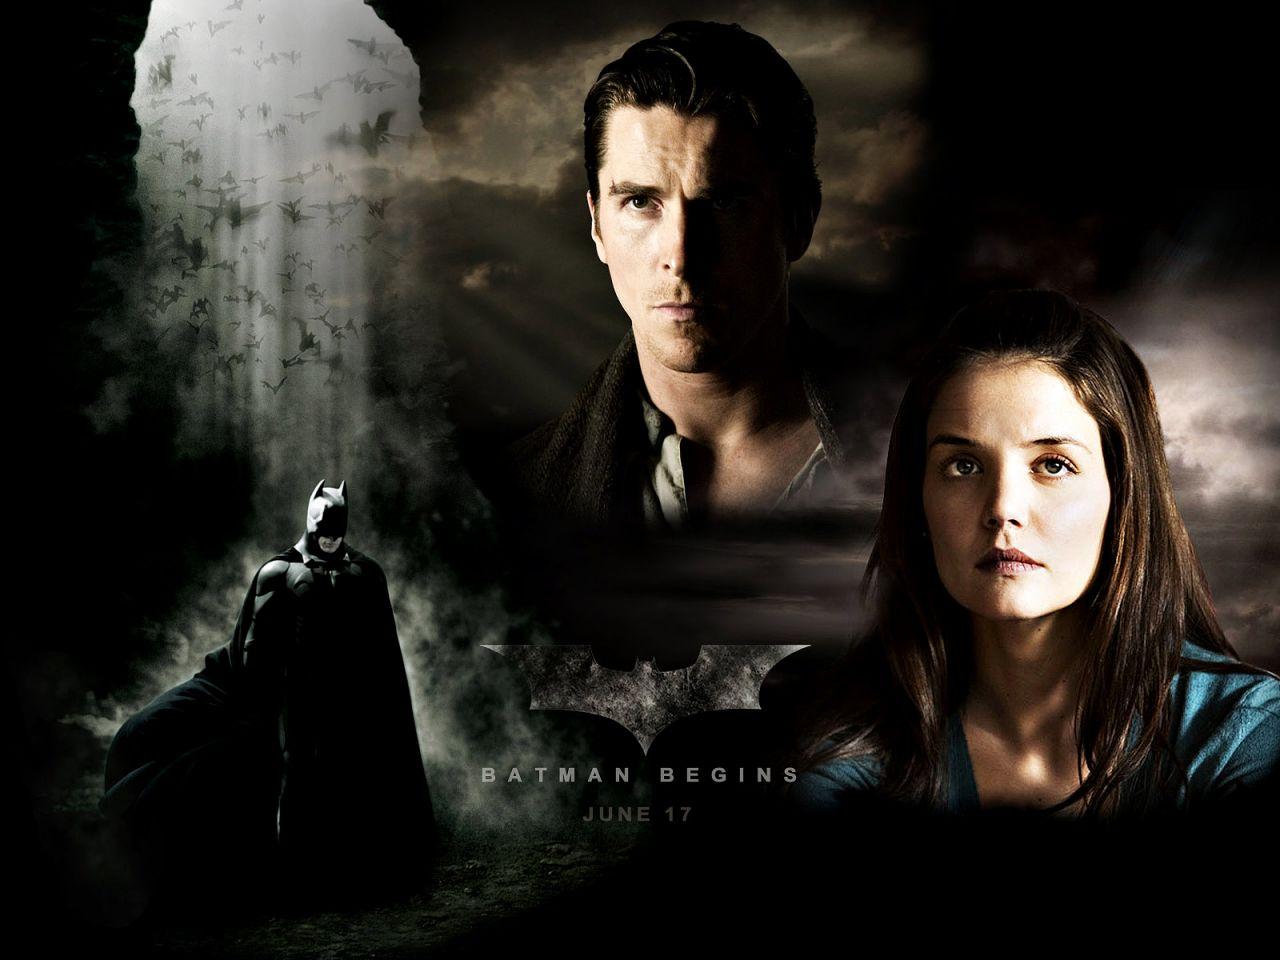 Bruce Rachel Batman Poster Wallpaper 1280x960